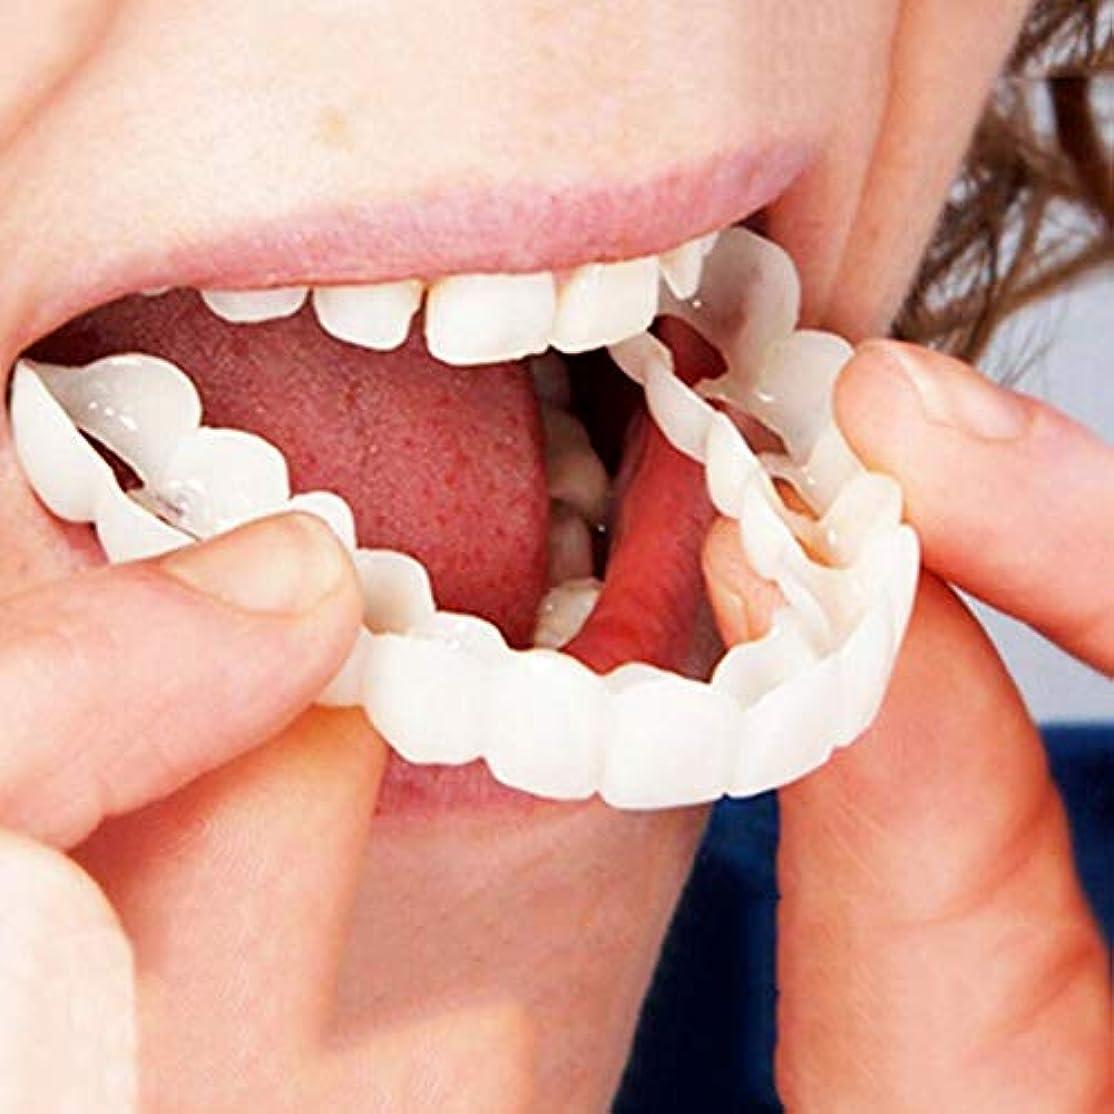 枝グラフ不純TerGOOSE 歯 矯正 矯正器 歯を白く 矯正用リテーナー 完璧な笑顔 快適な 歯列矯正 歯並び 噛み合わせ 歯リテイナー 歯ぎしり いびき防止 多機能 健康管理ツール 歯の損傷を防ぐ 有効 (下+上)